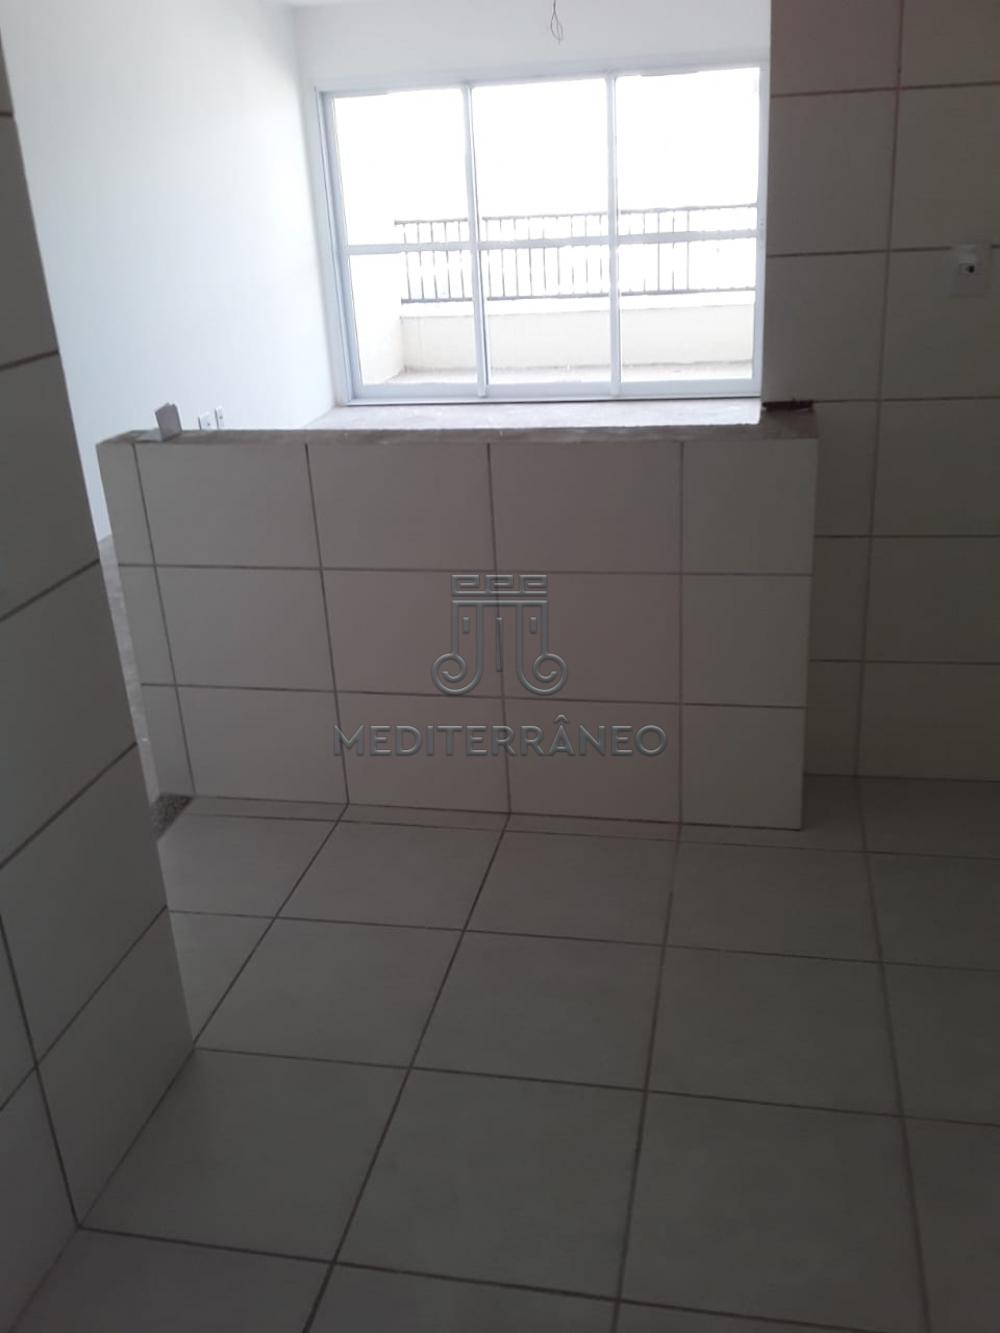 Comprar Apartamento / Padrão em Jundiaí apenas R$ 700.000,00 - Foto 6